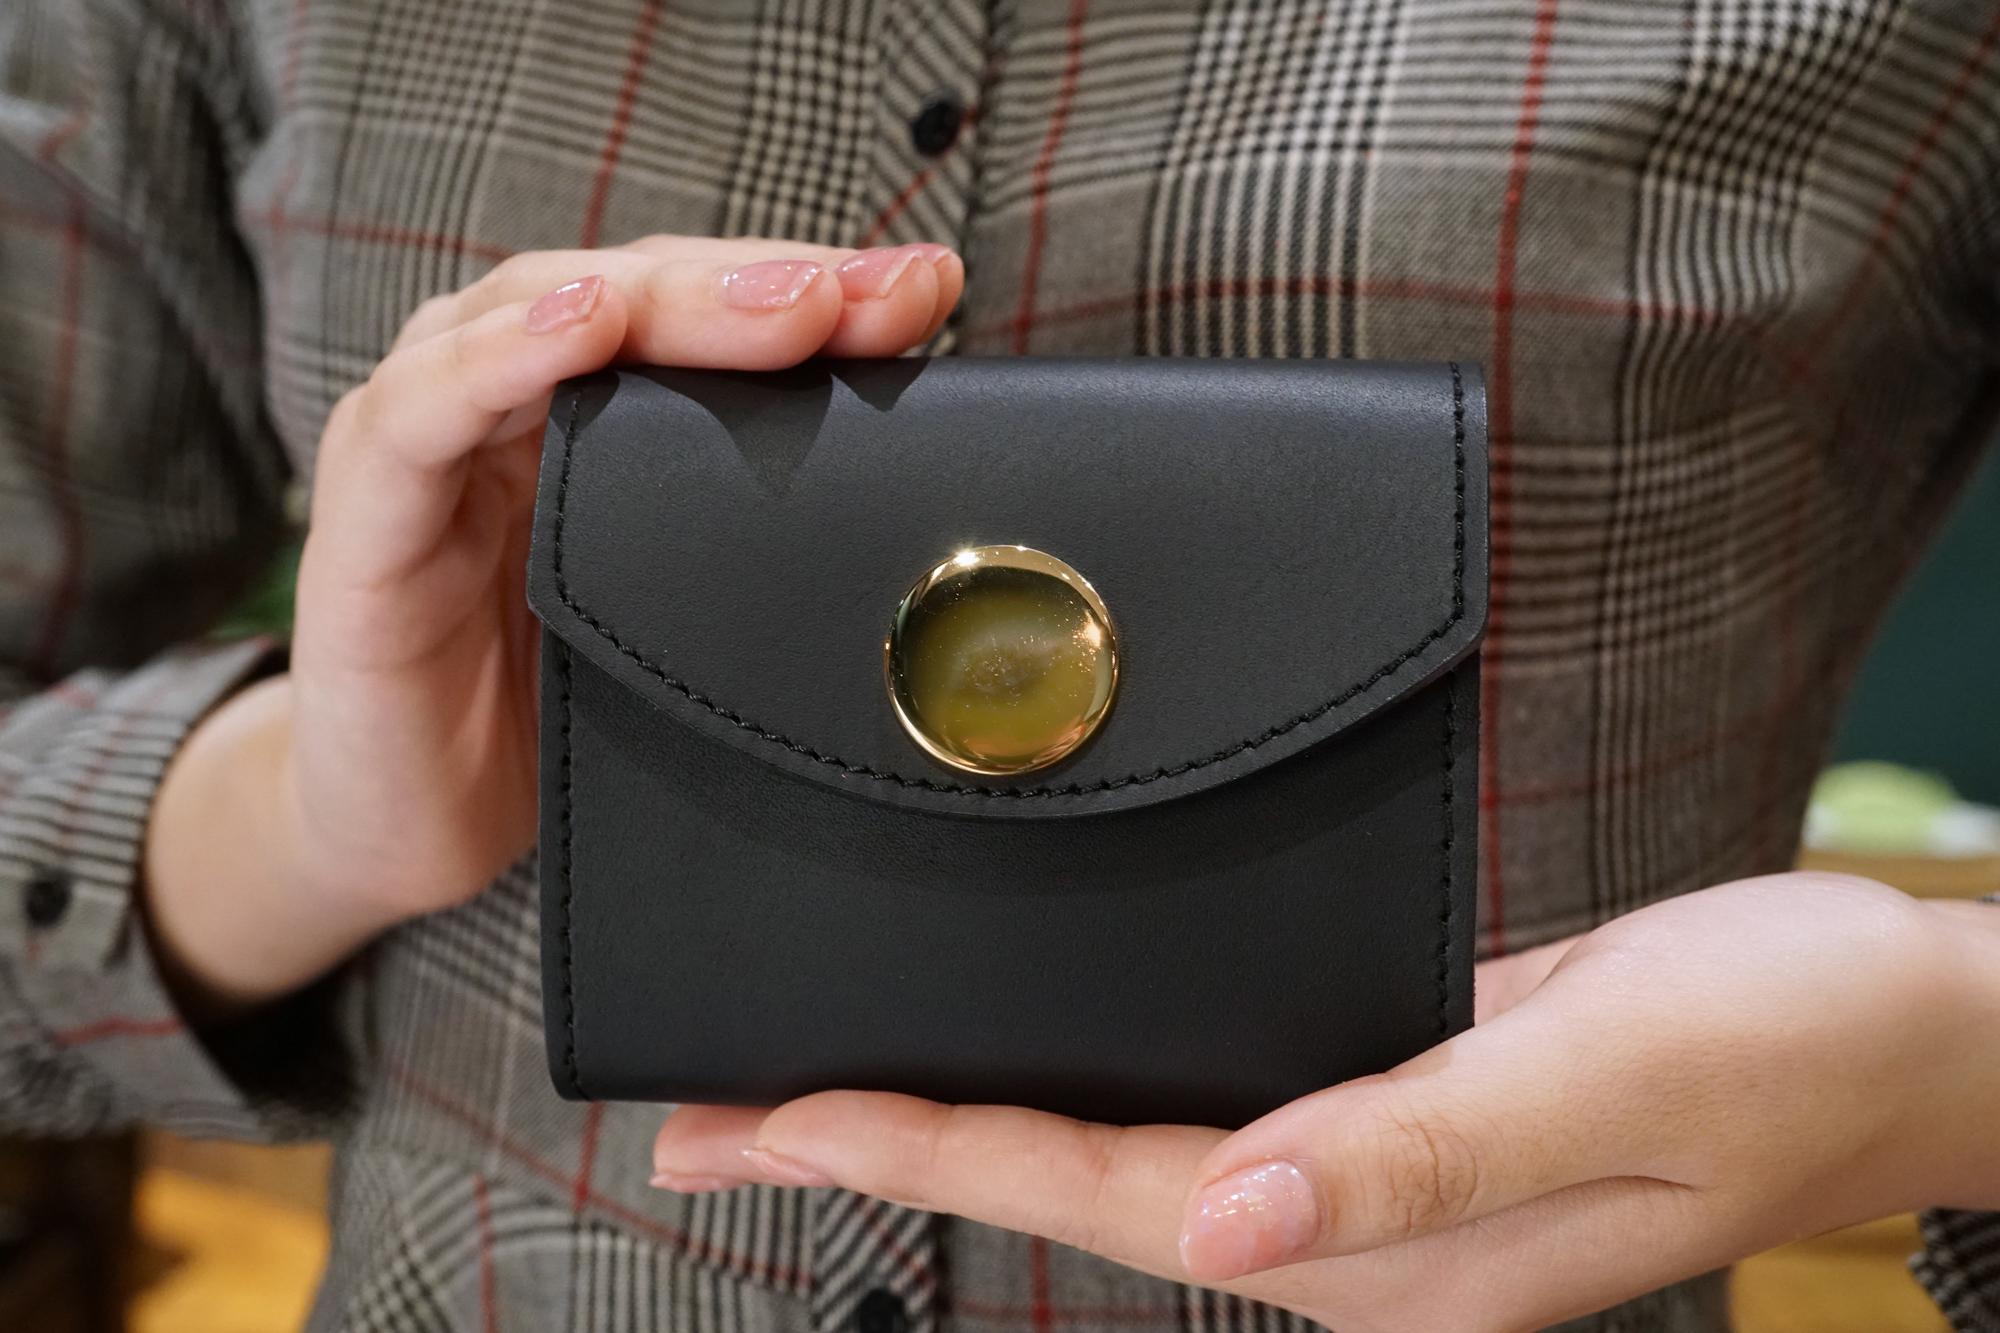 身軽にキメたい時のコンパクト財布|ビッグボタン型/マットブラック(本革製)